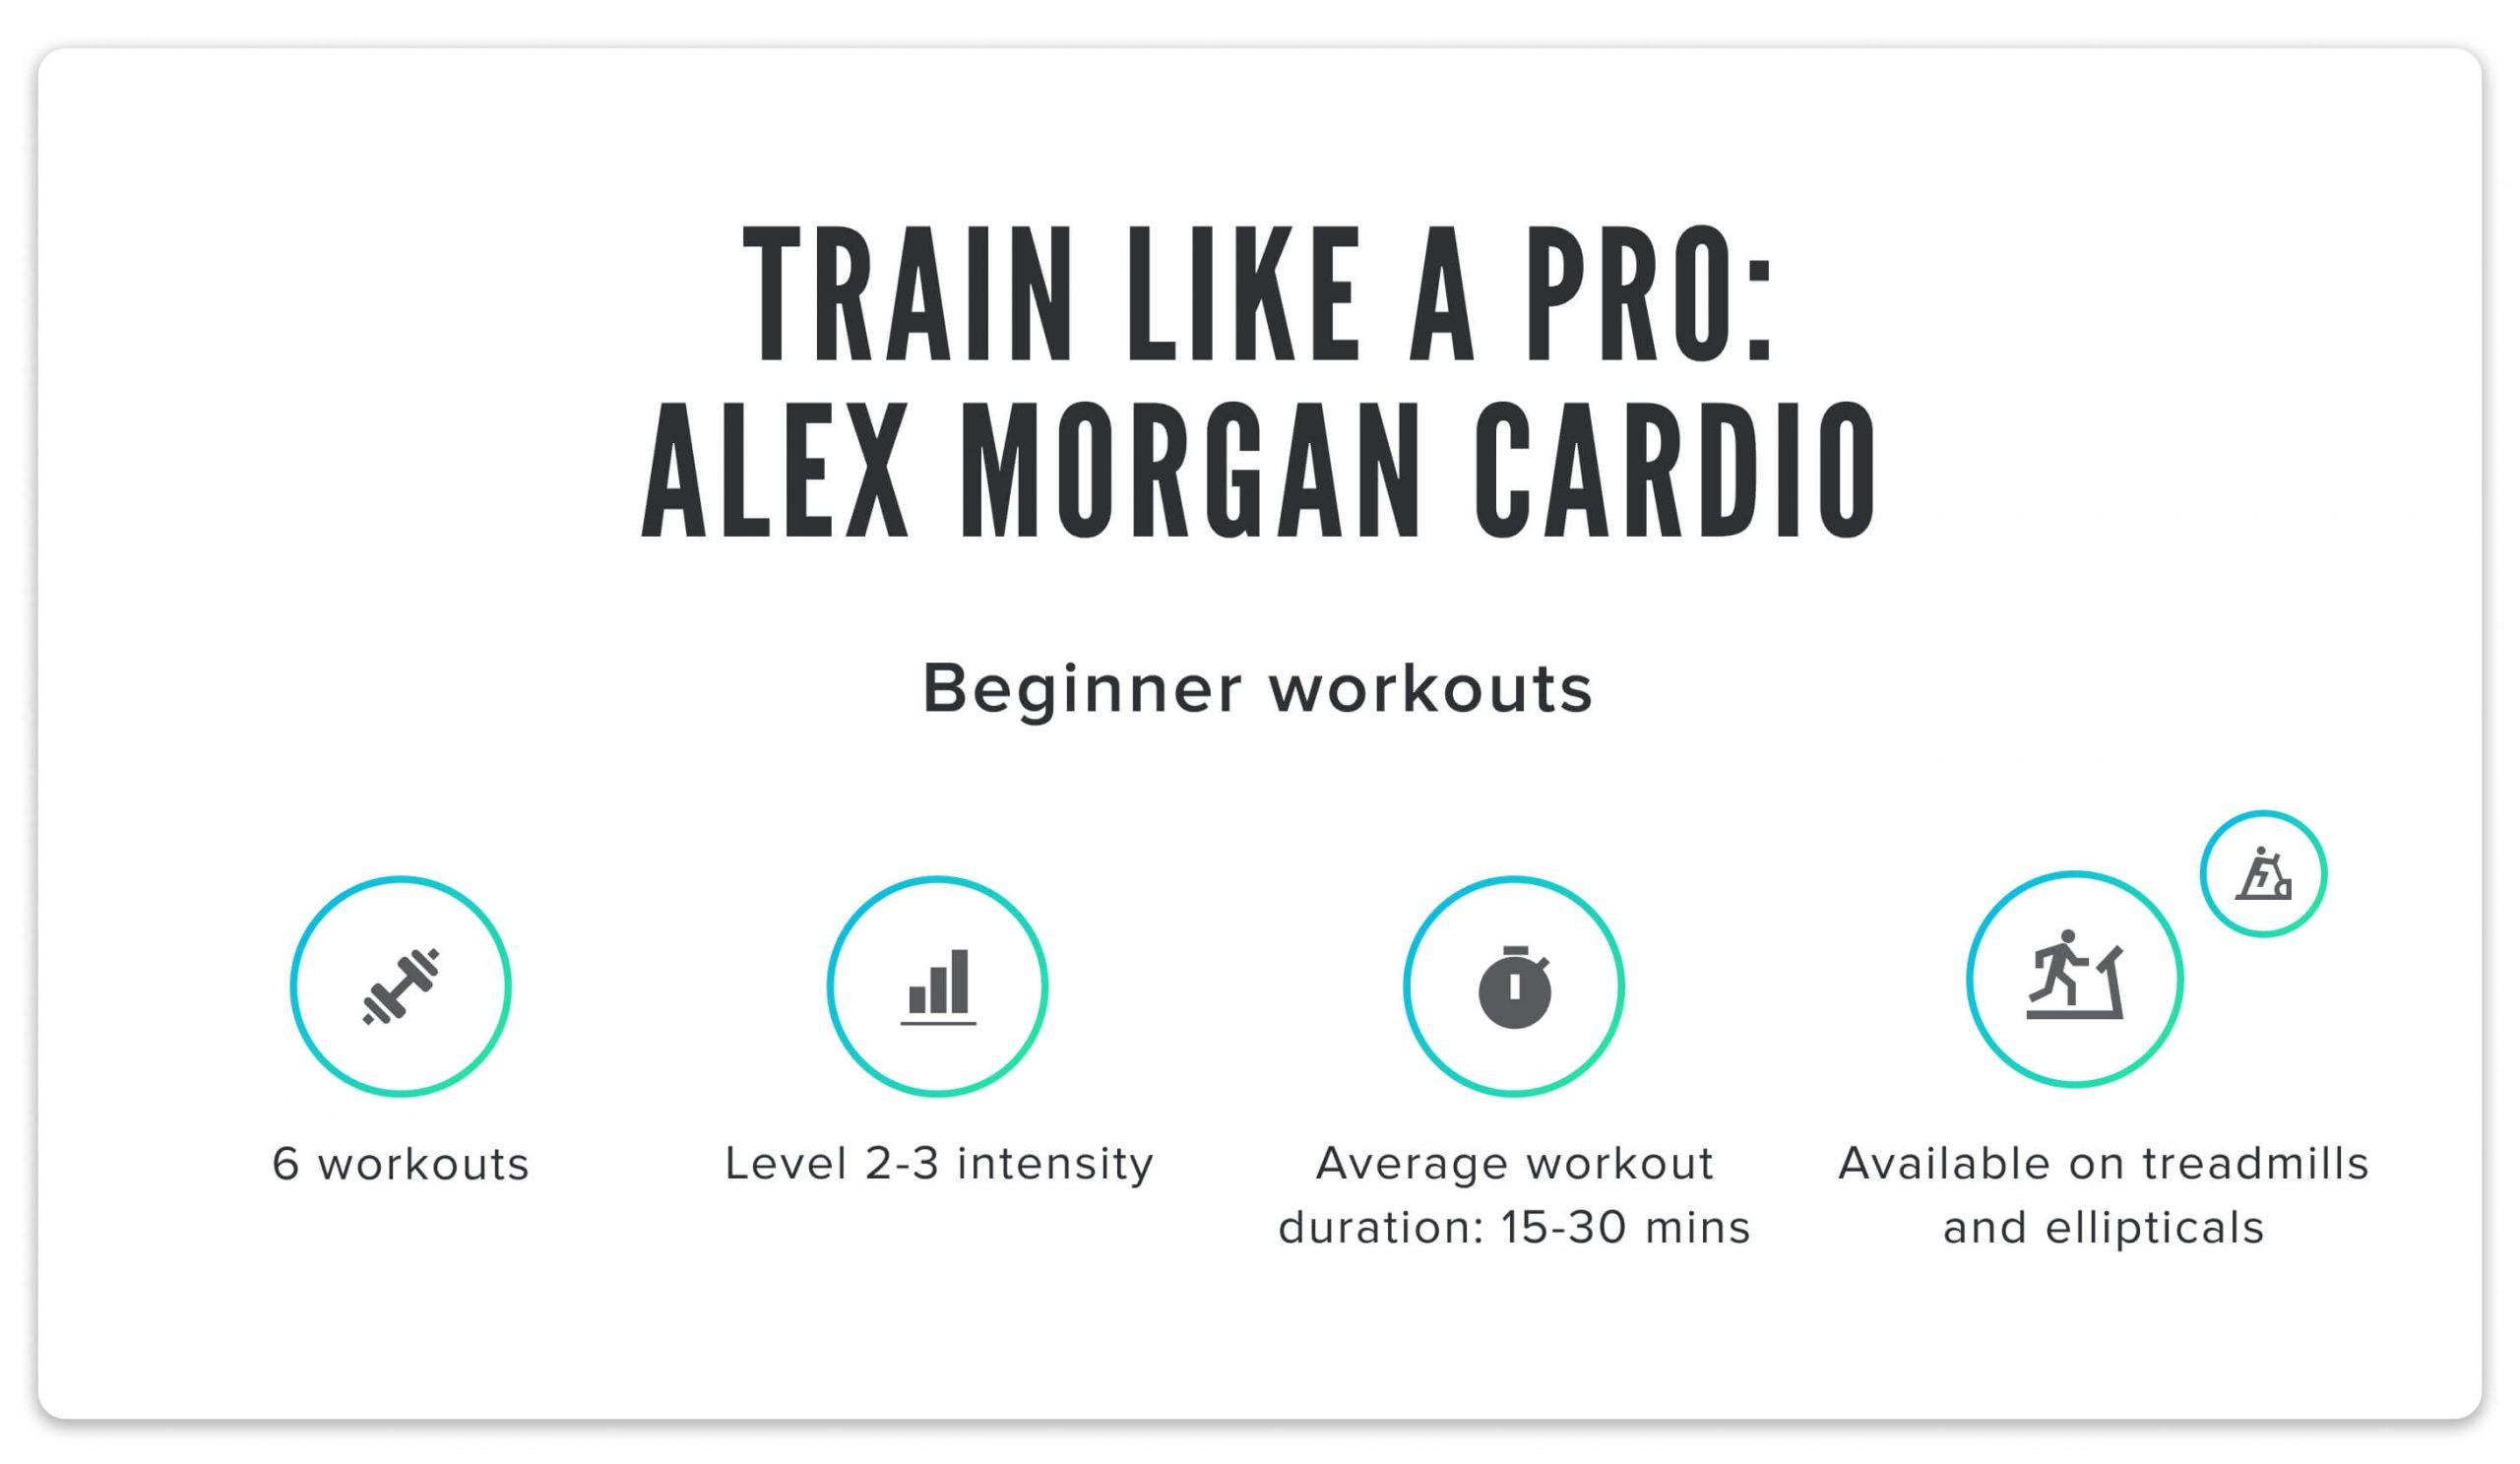 iFIT Train Like a Pro: Alex Morgan Cardio Series chart